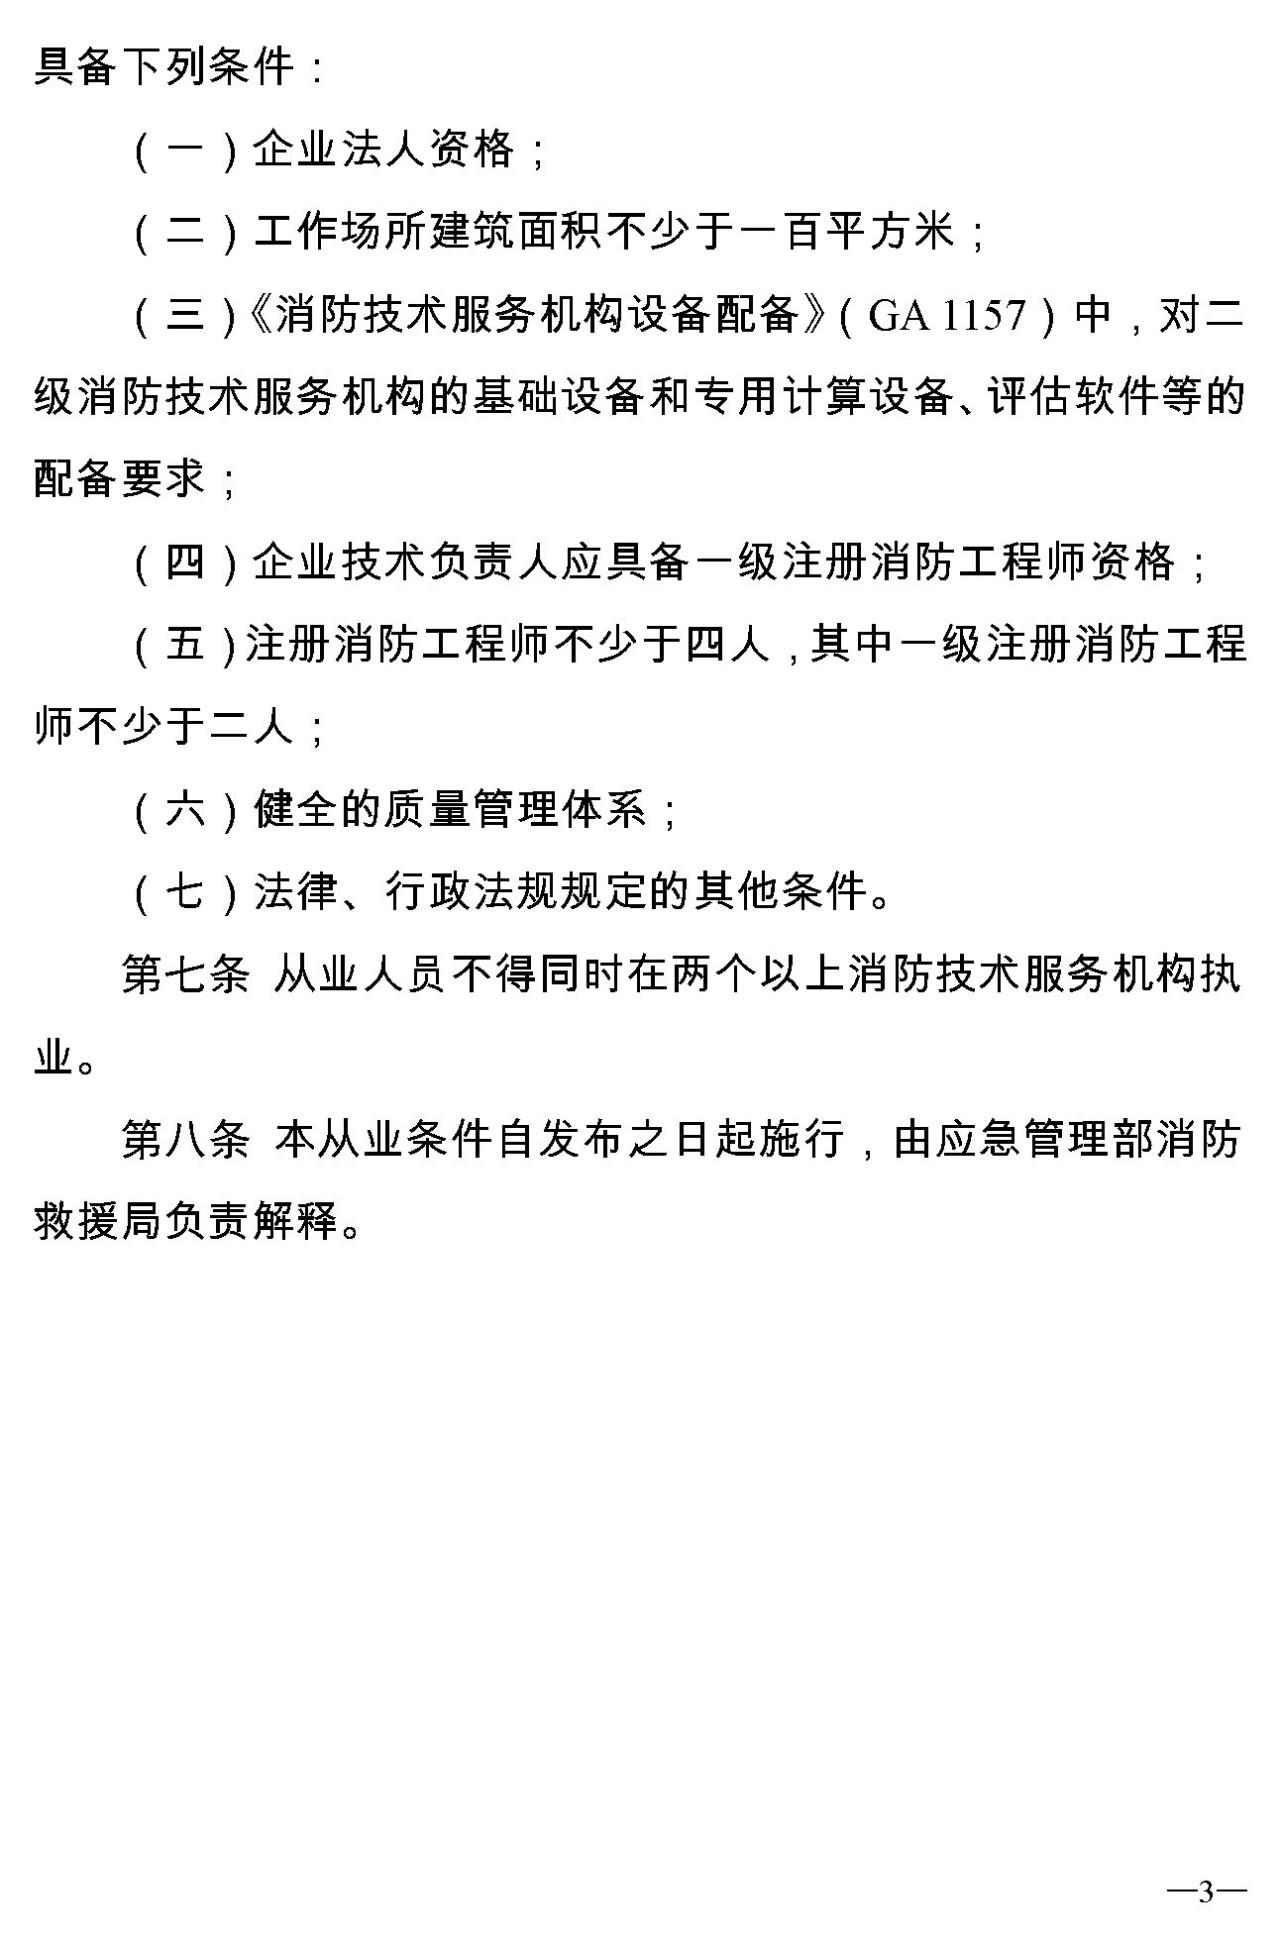 消防技术服务机构从业条件暂行规定(申报稿)3